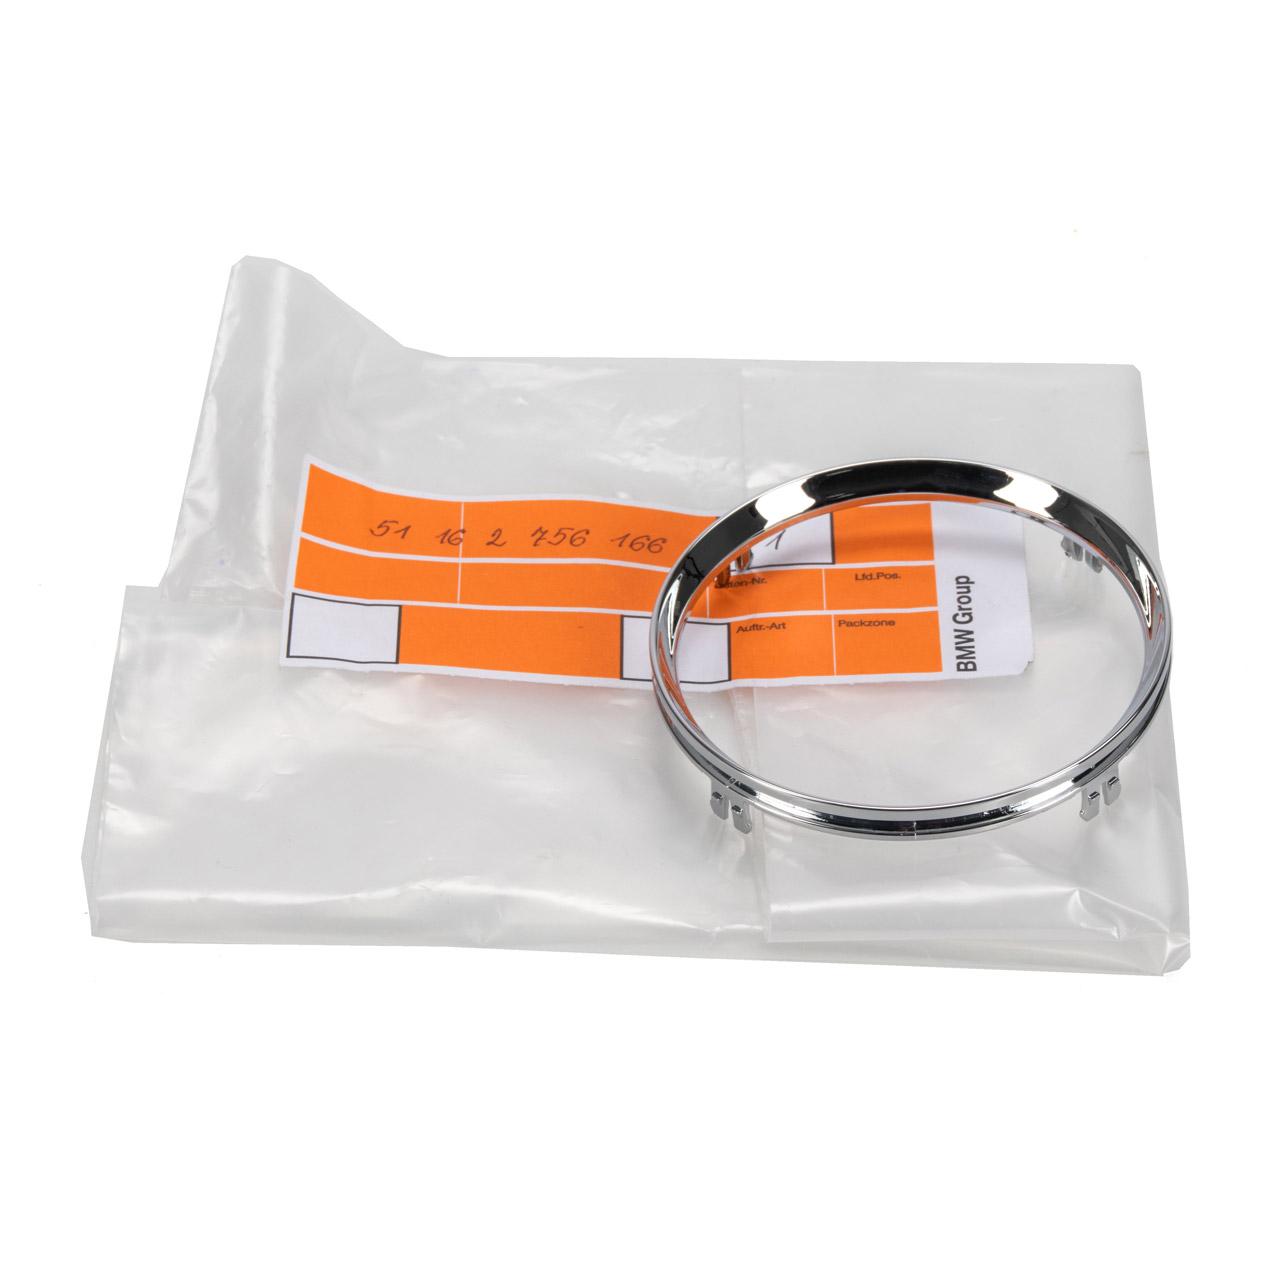 ORIGINAL MINI Zierring CHROM Becherhalter Getränkehalter R55-59 51162756166